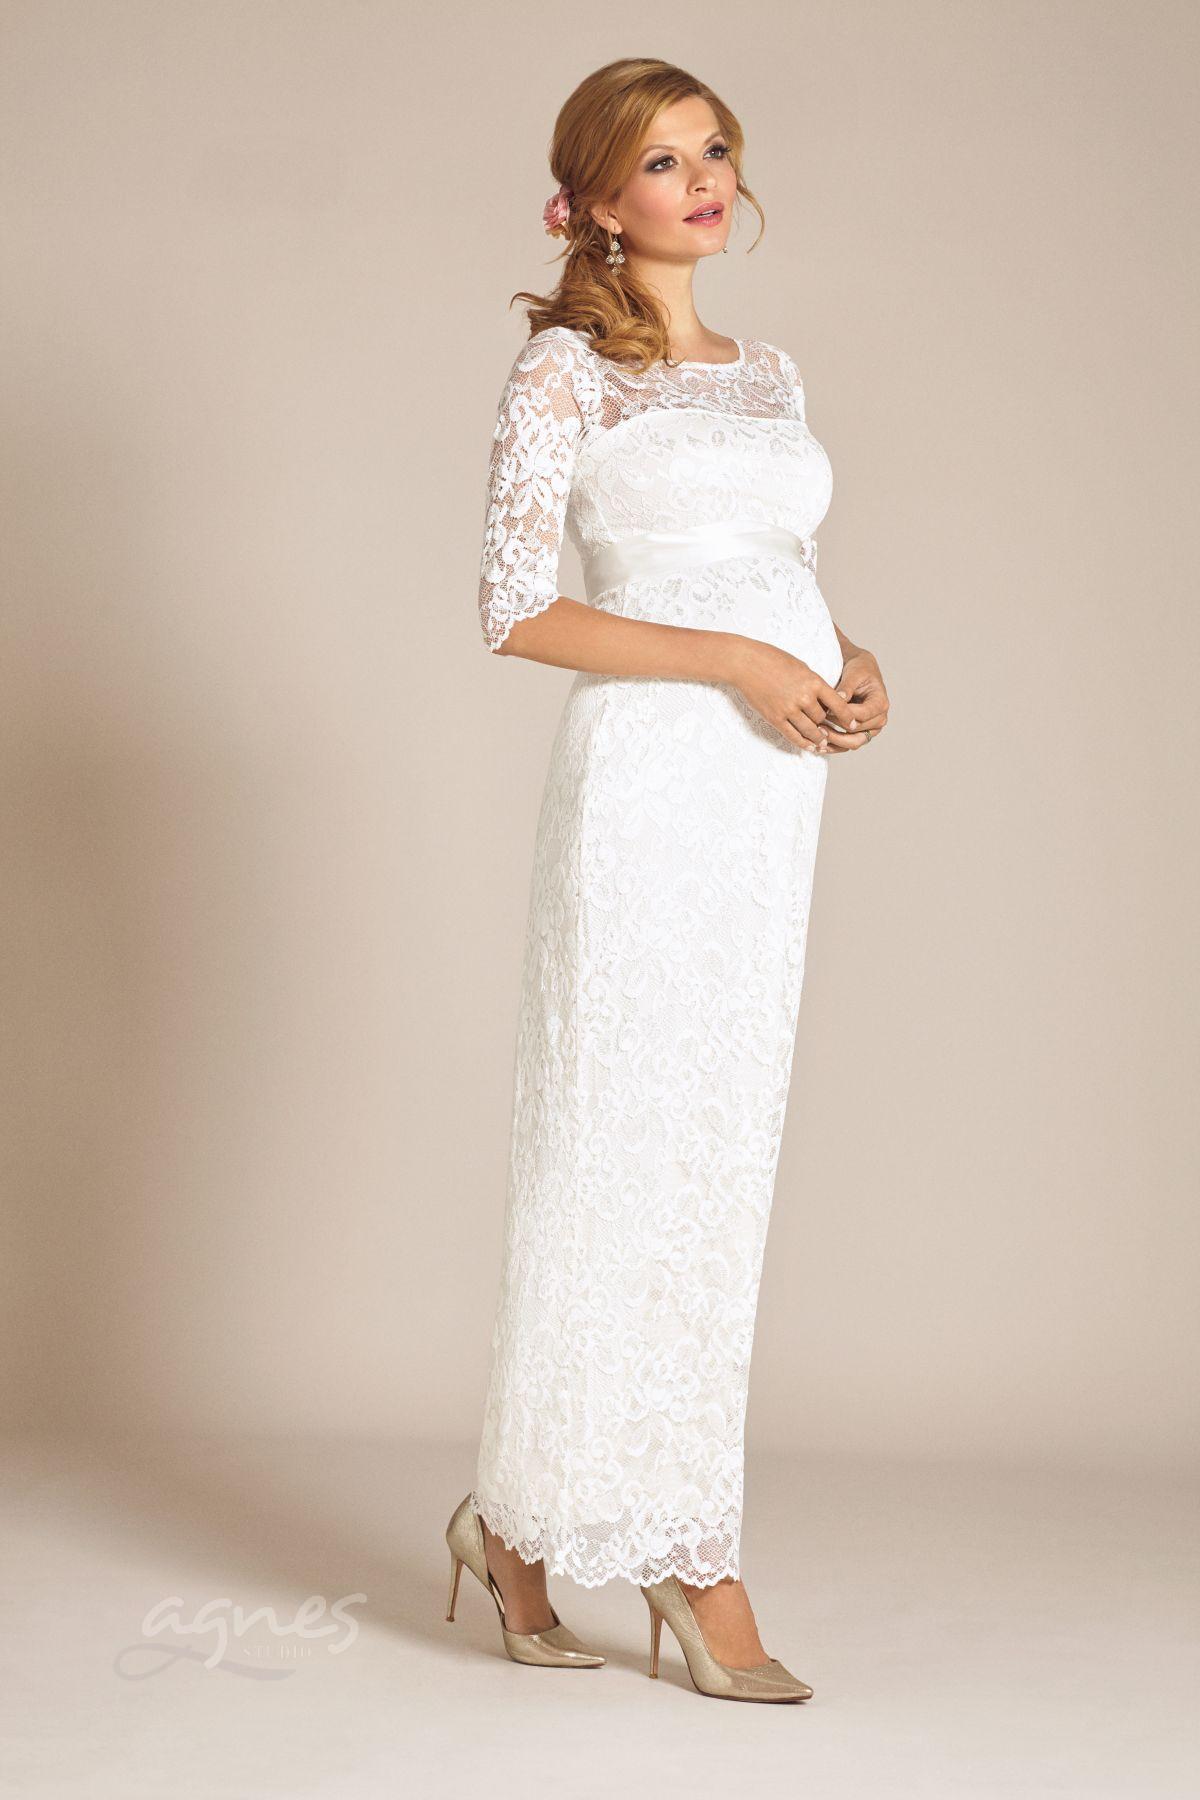 Amelia-svatebni-saty-tehotná